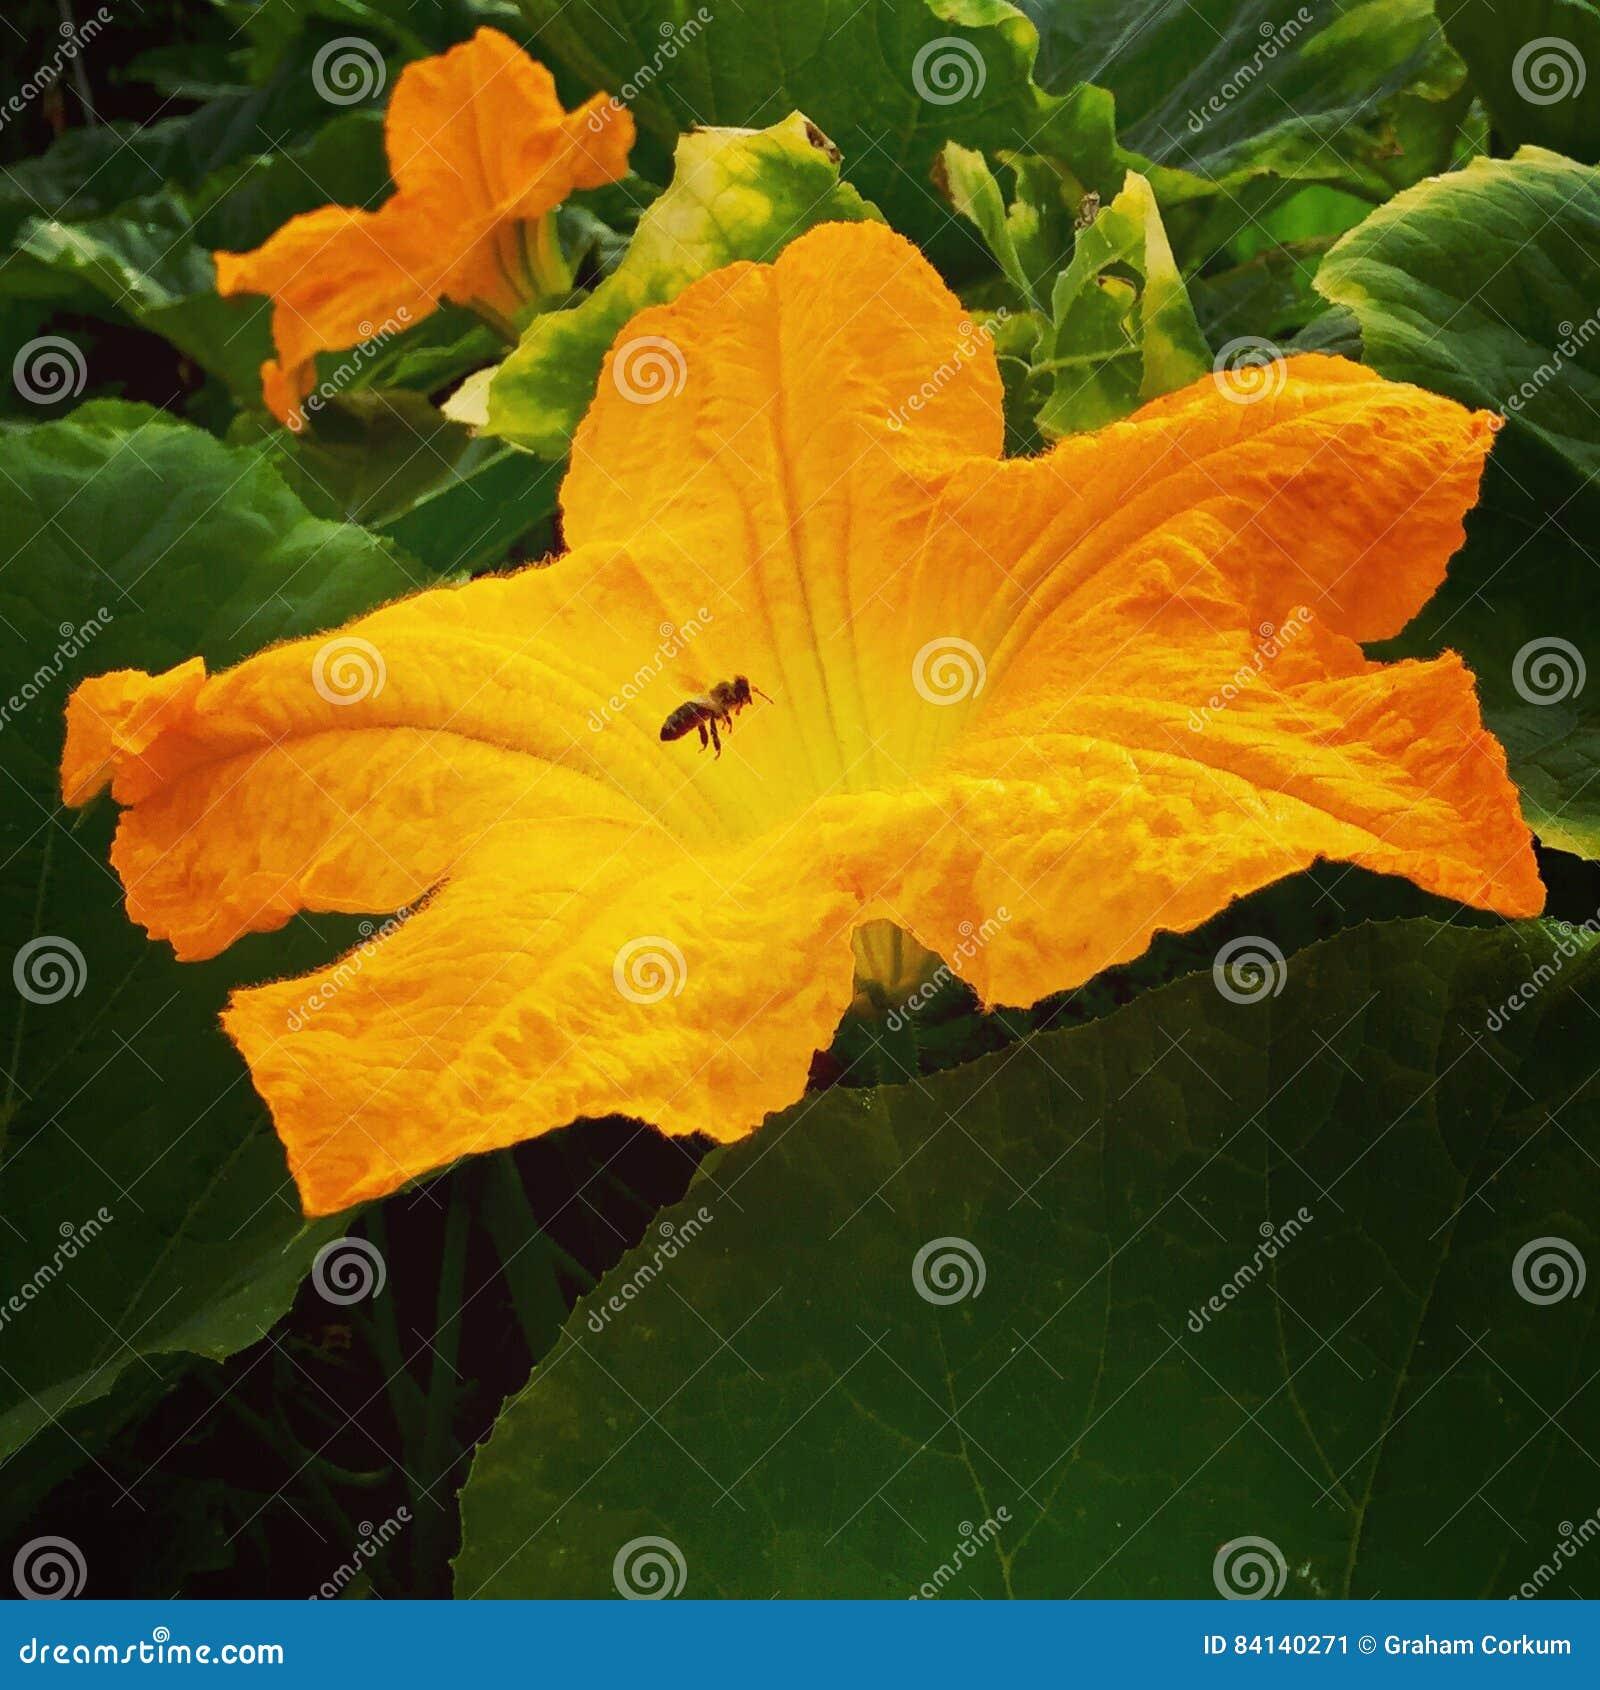 Pumpkin flower.